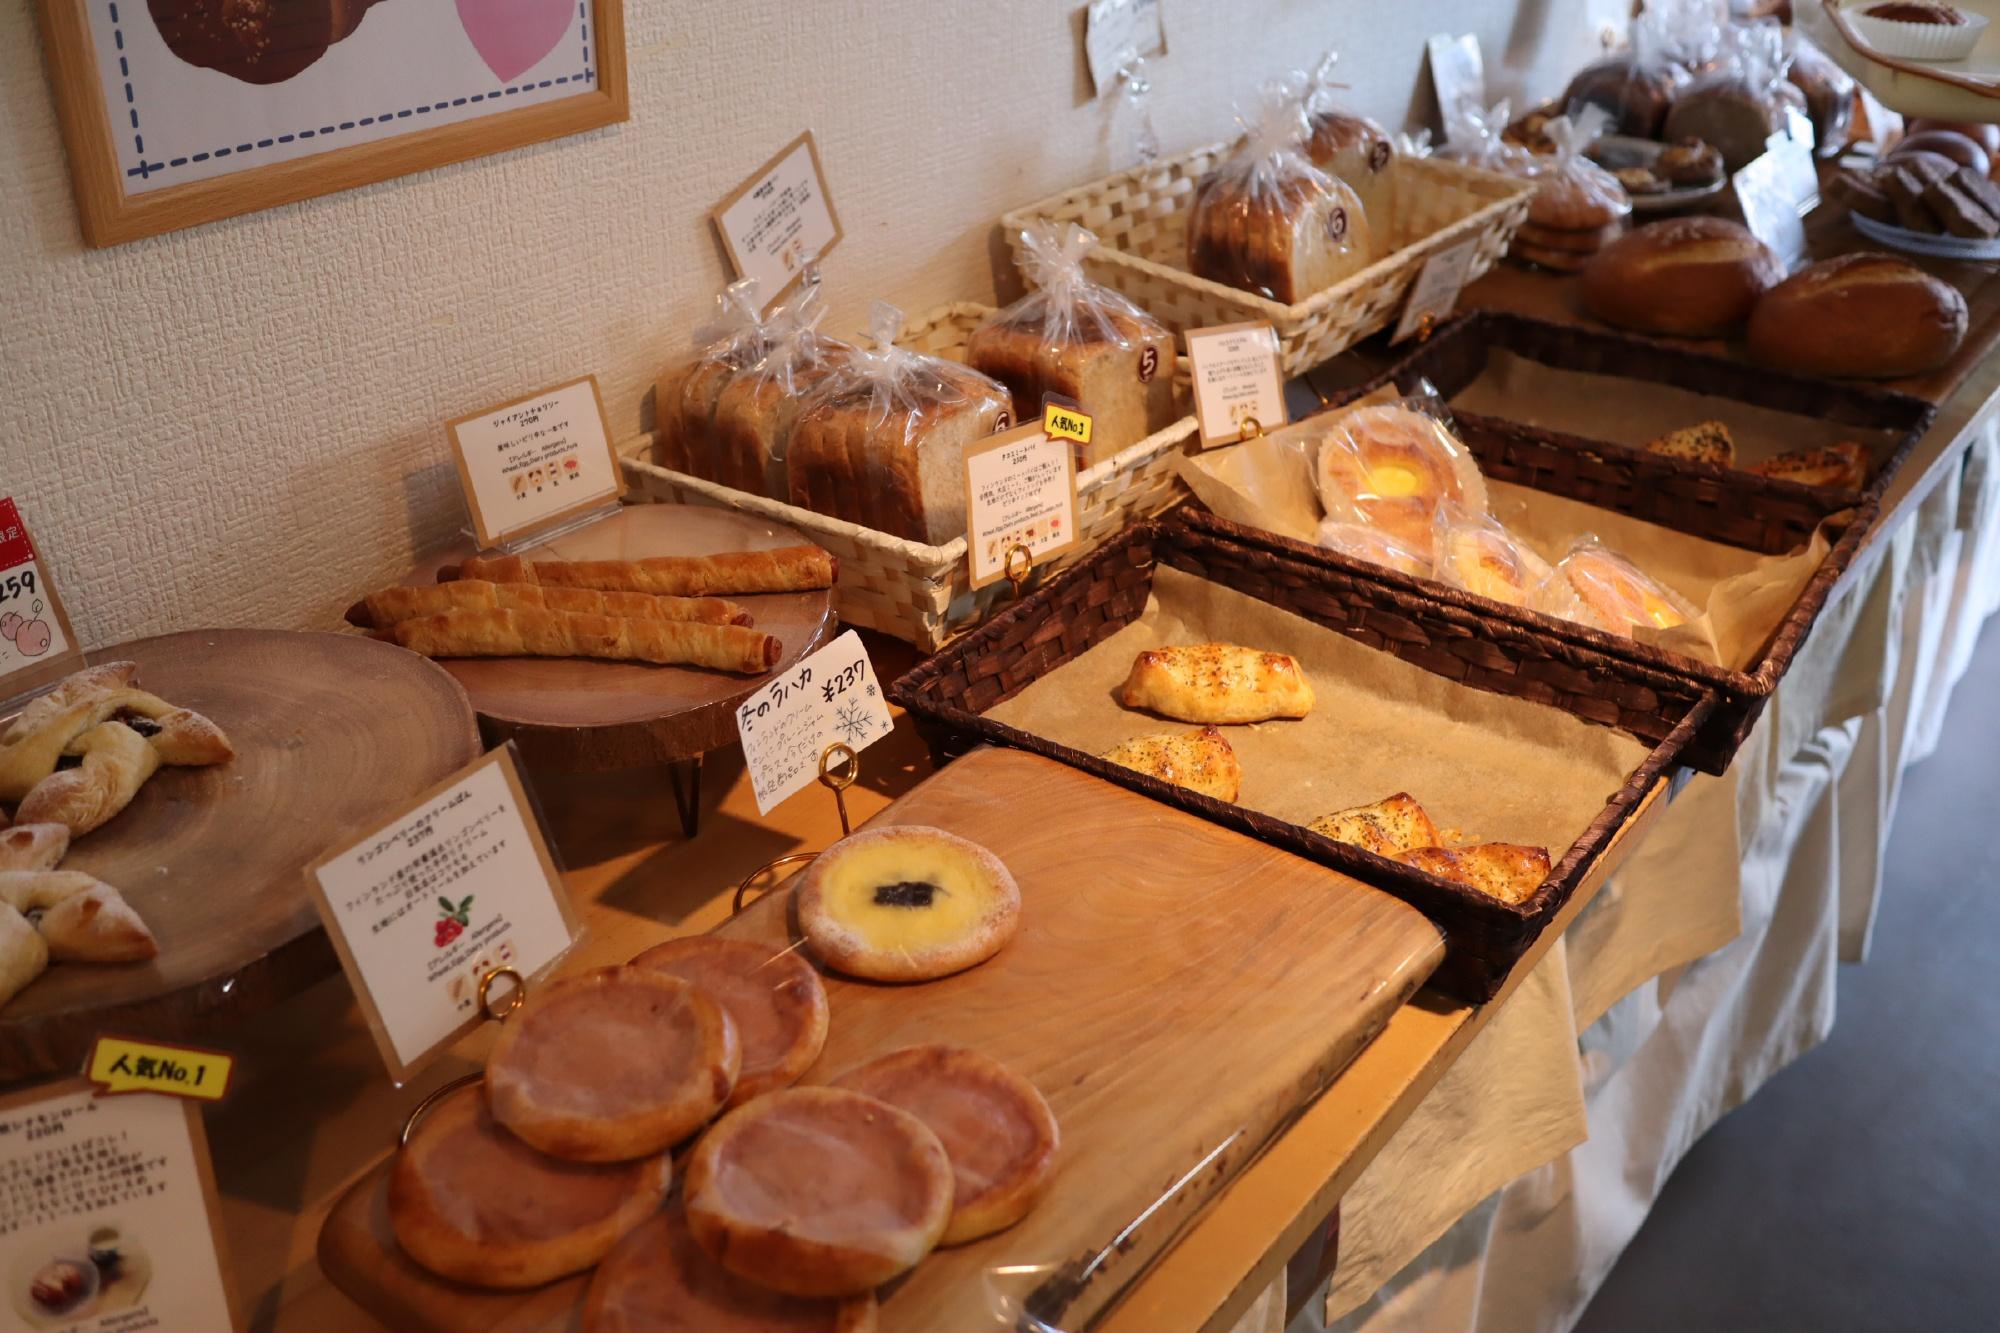 「フィンランドパンを日本で唯一食べられるお店」ライ麦ハウスベーカリー@神奈川県鎌倉市